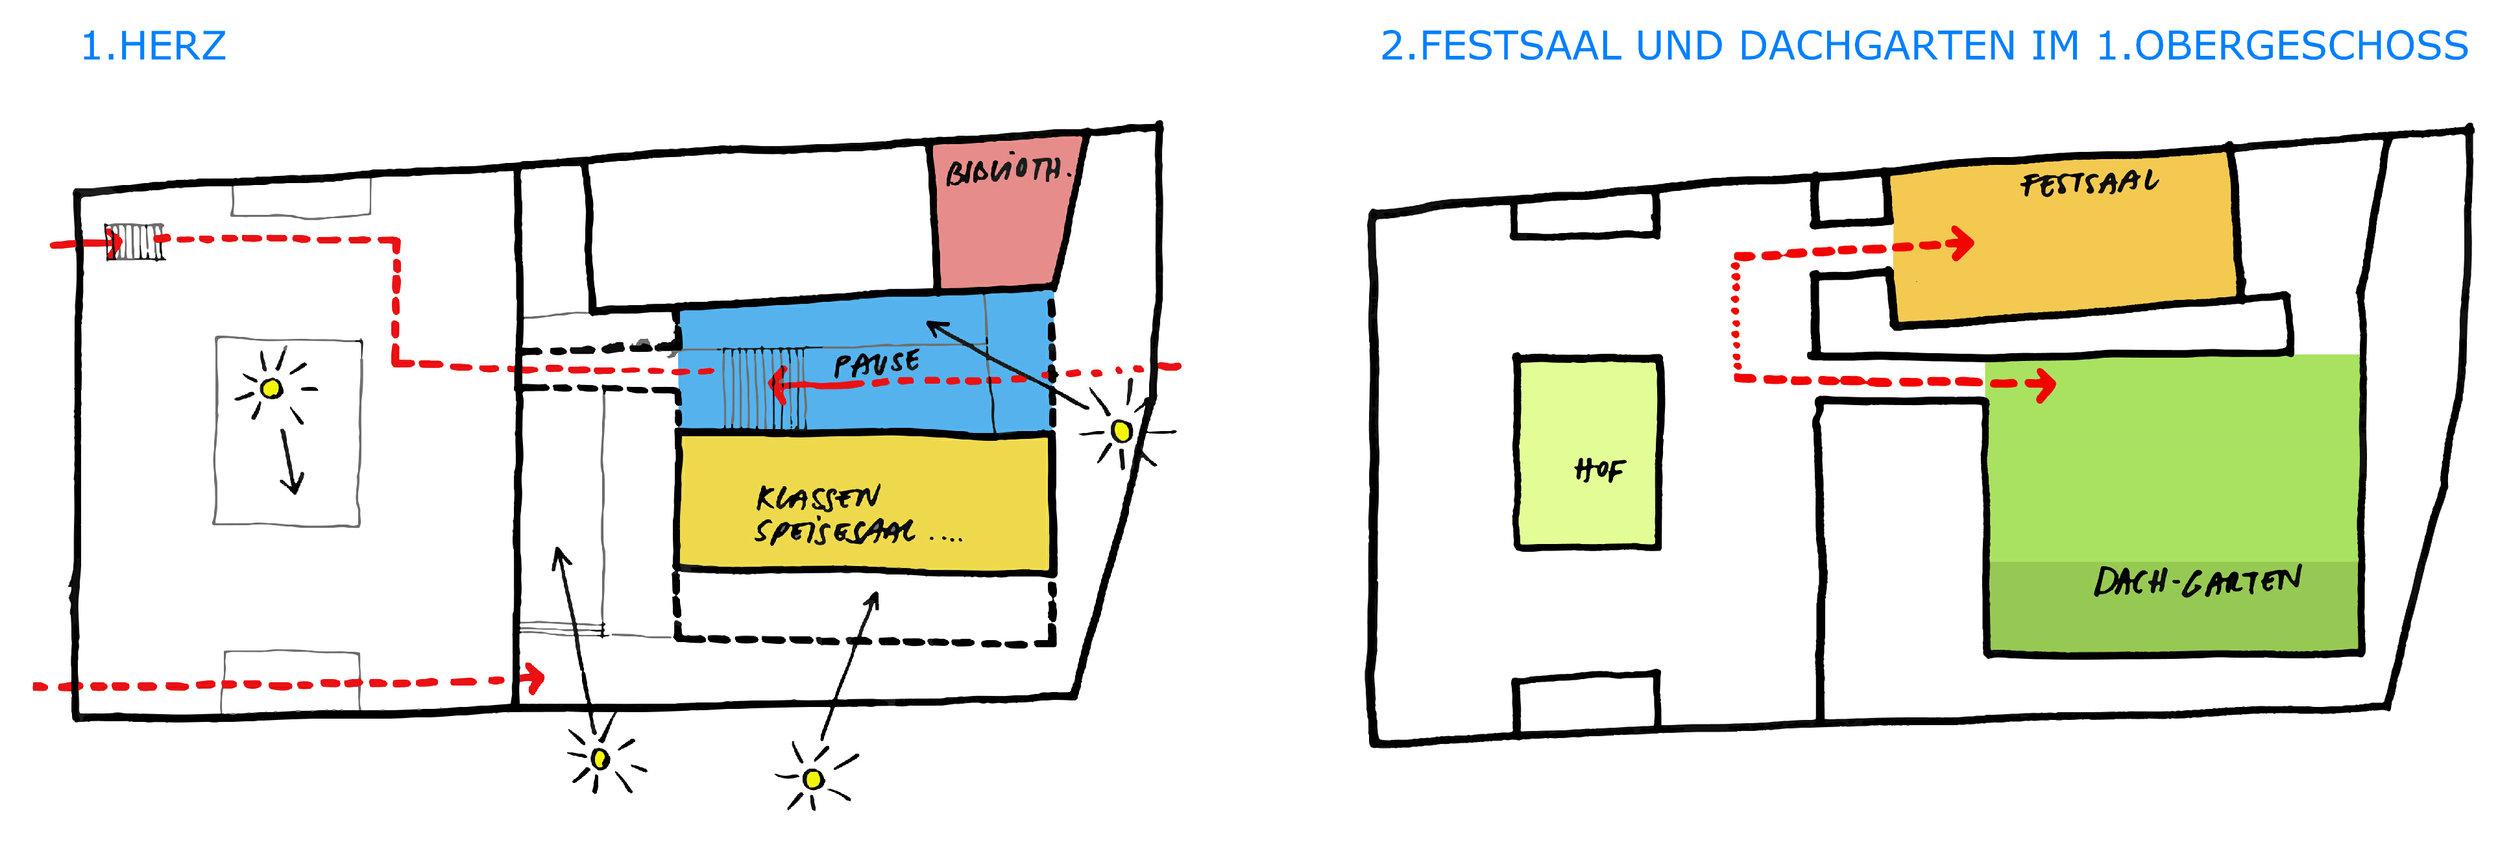 Zirkusgasse_schema12.jpg